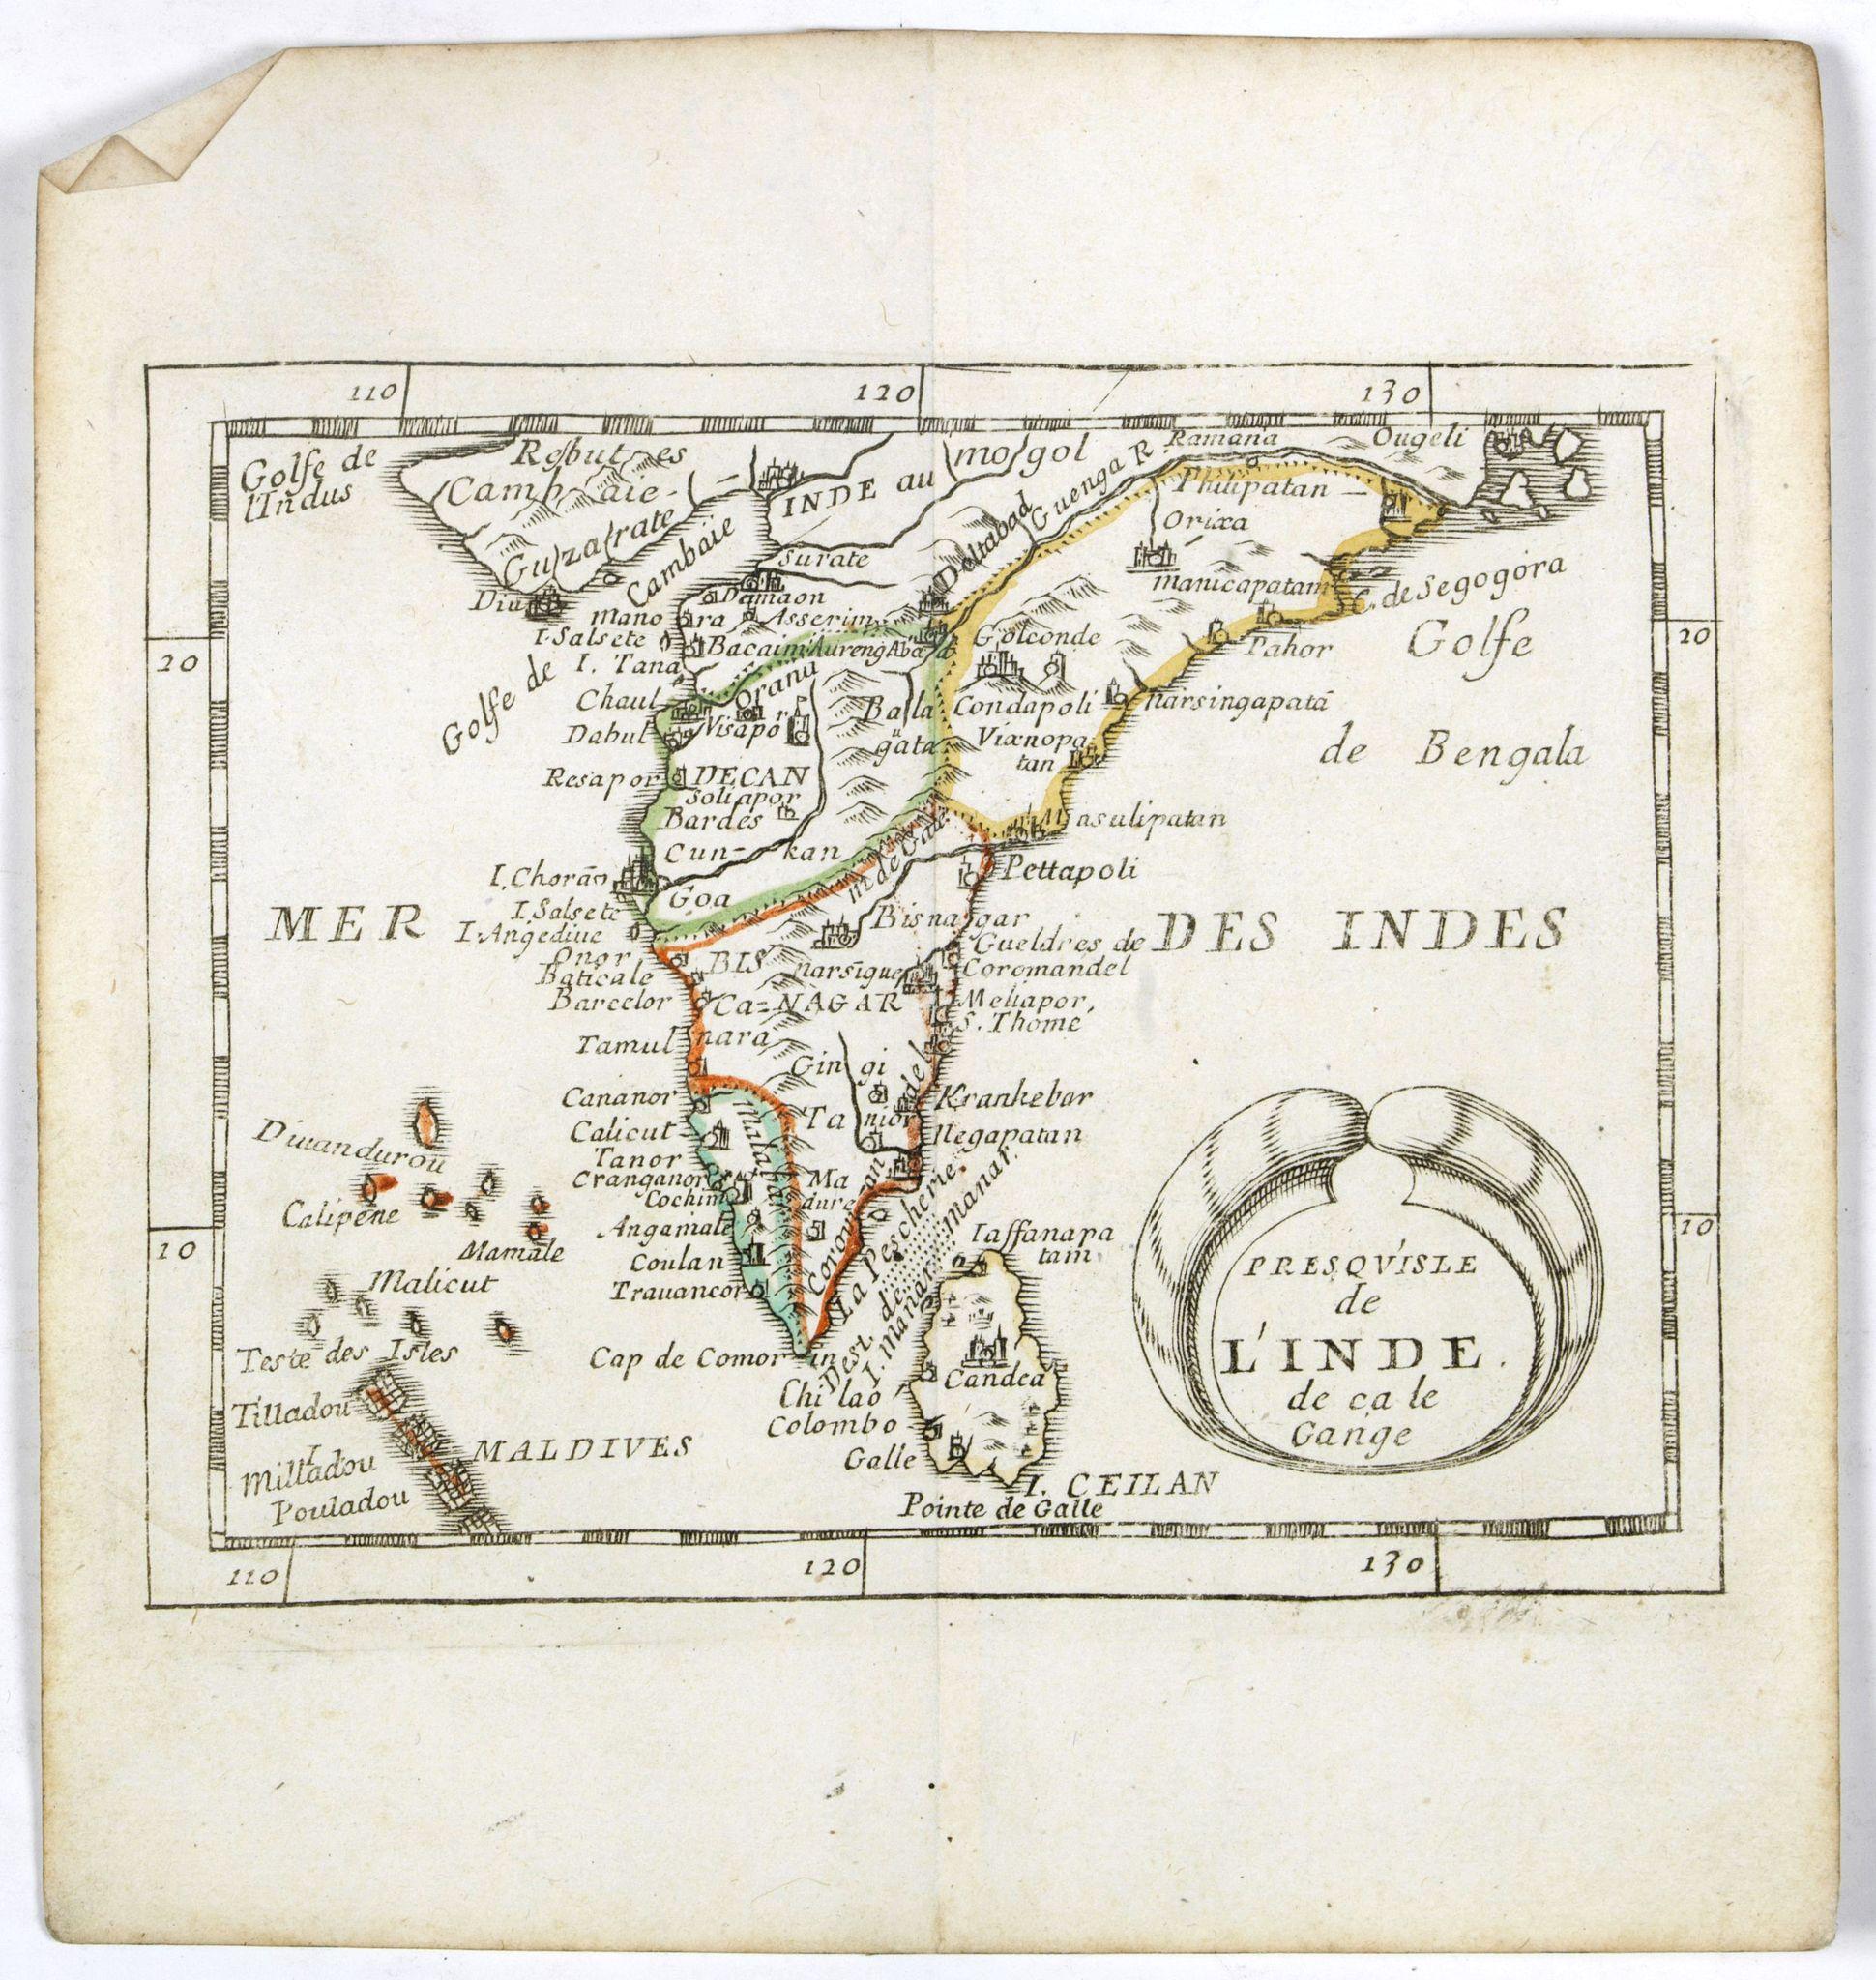 DU VAL, P. -  Presqu''isle de L'Inde de ça le Gange.